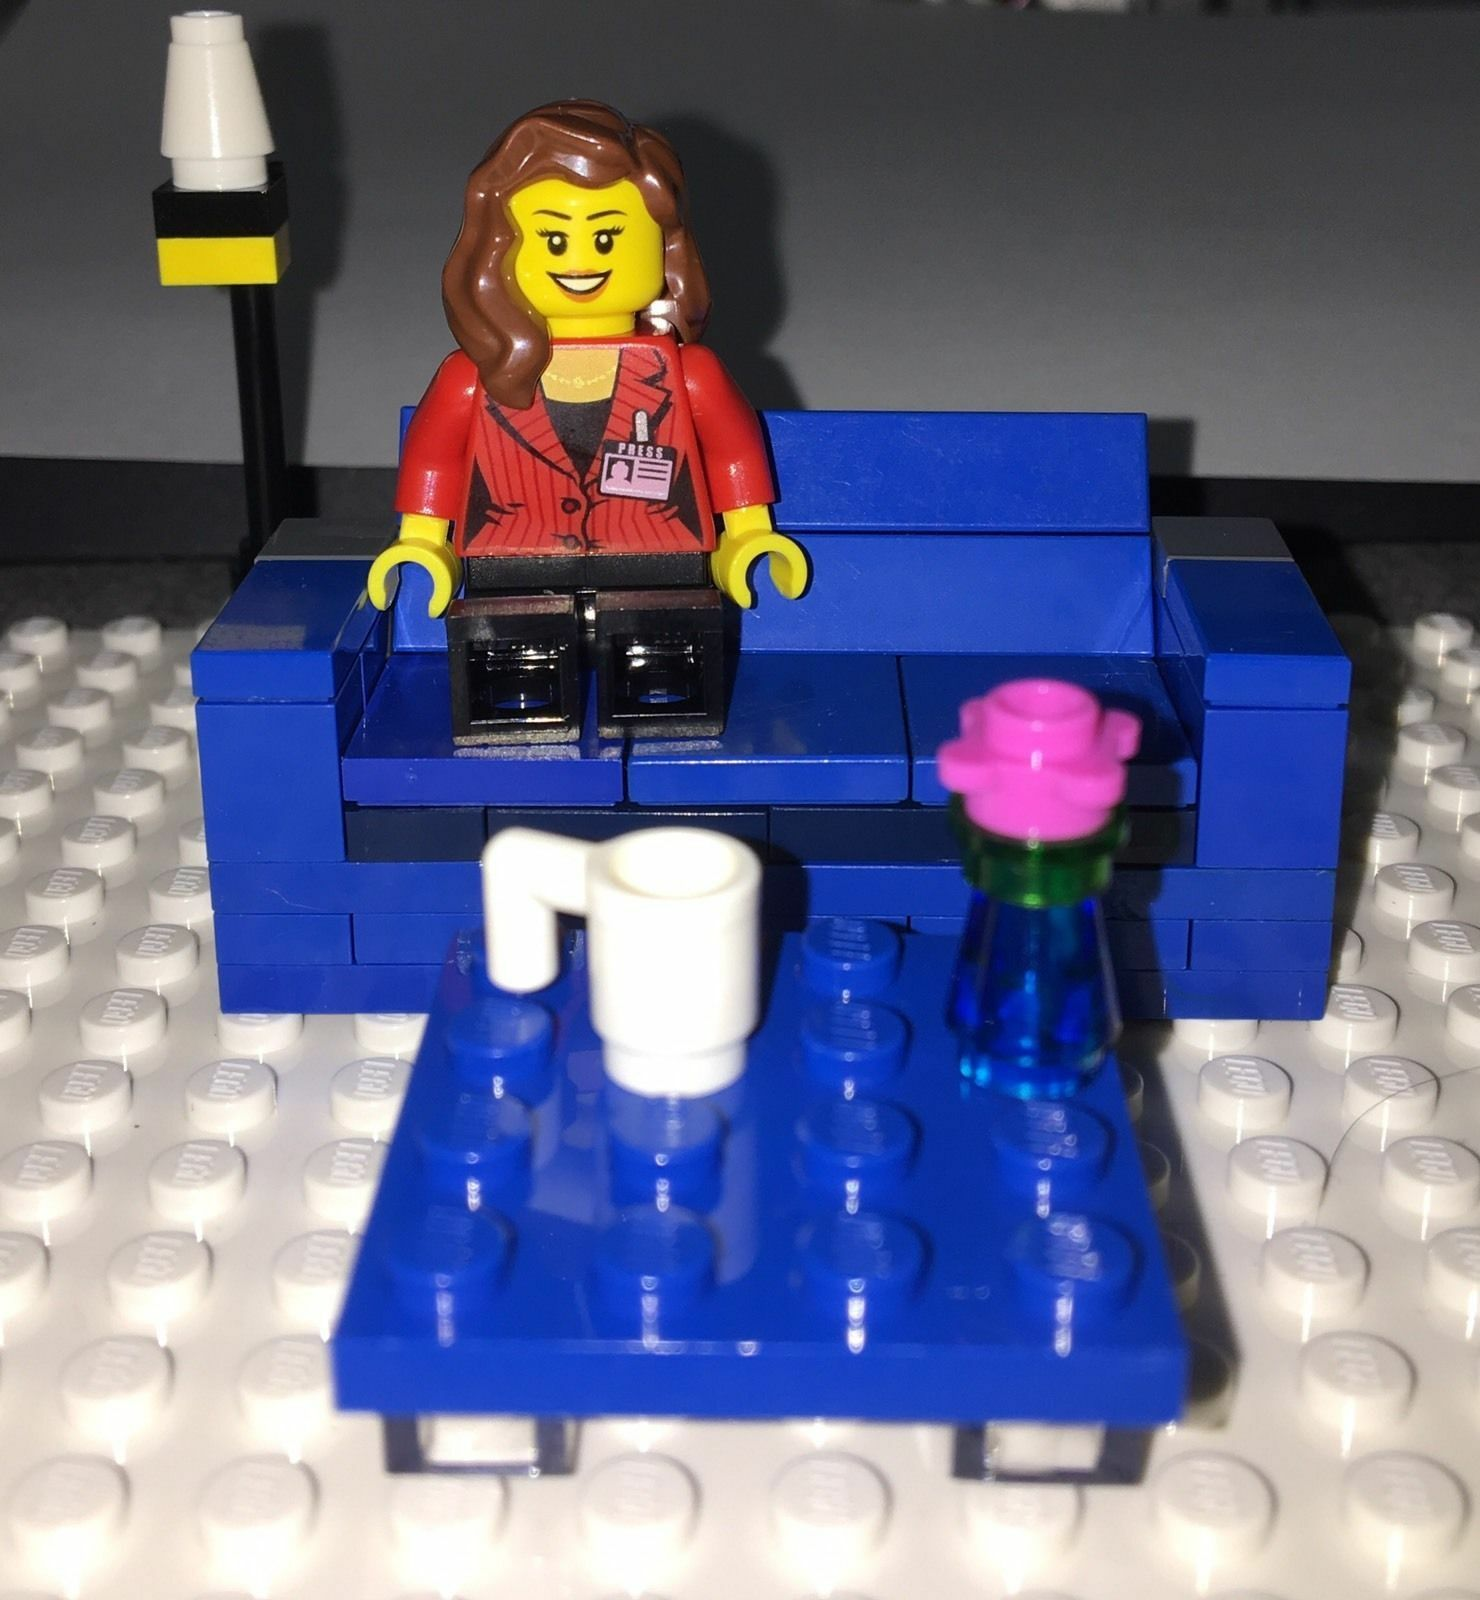 Legos BY Jayde